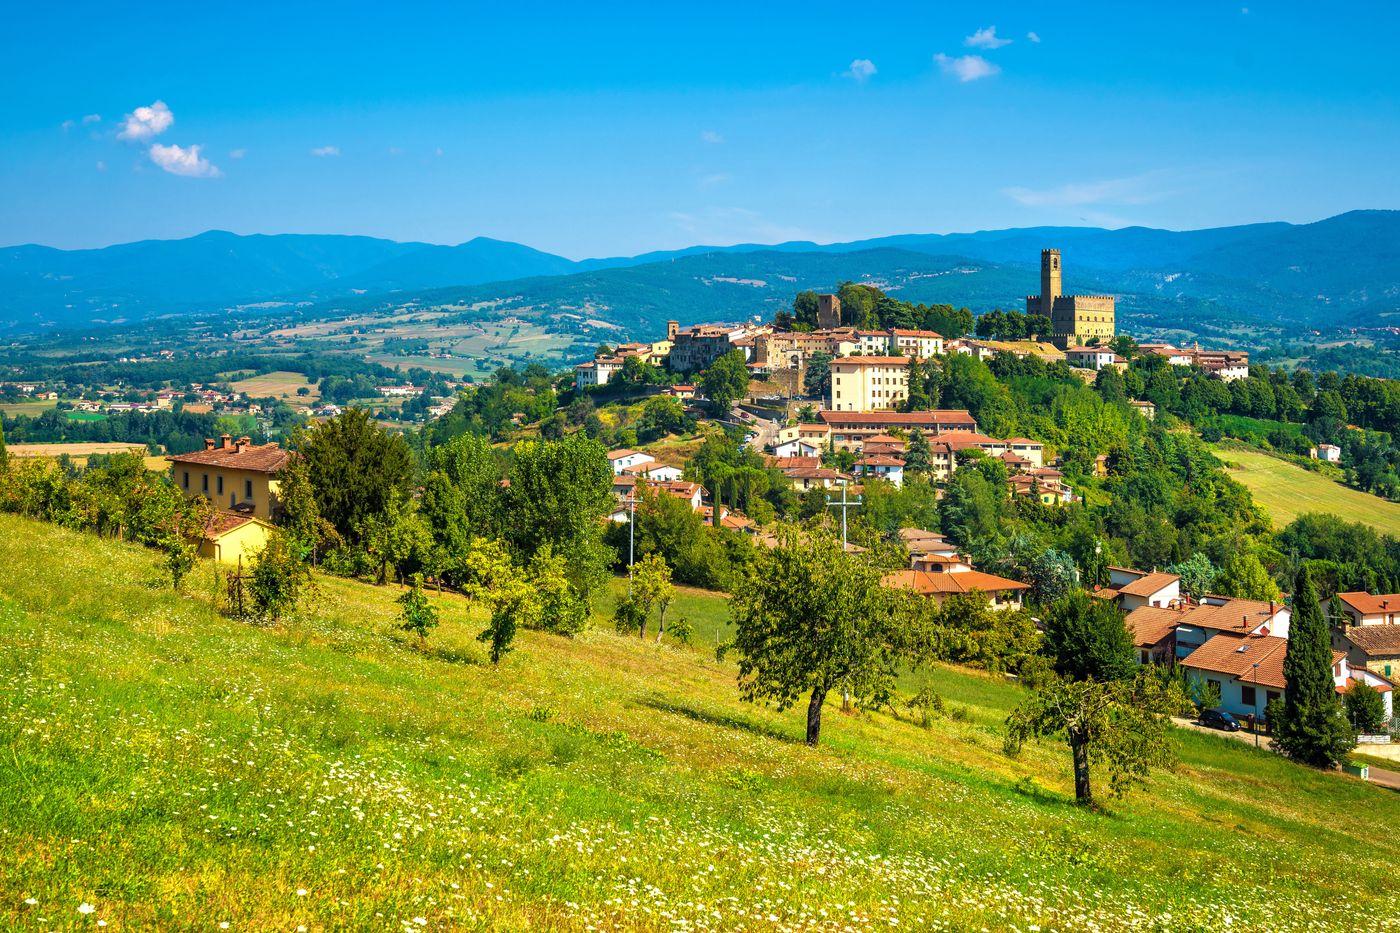 Poppi: village in Tuscany